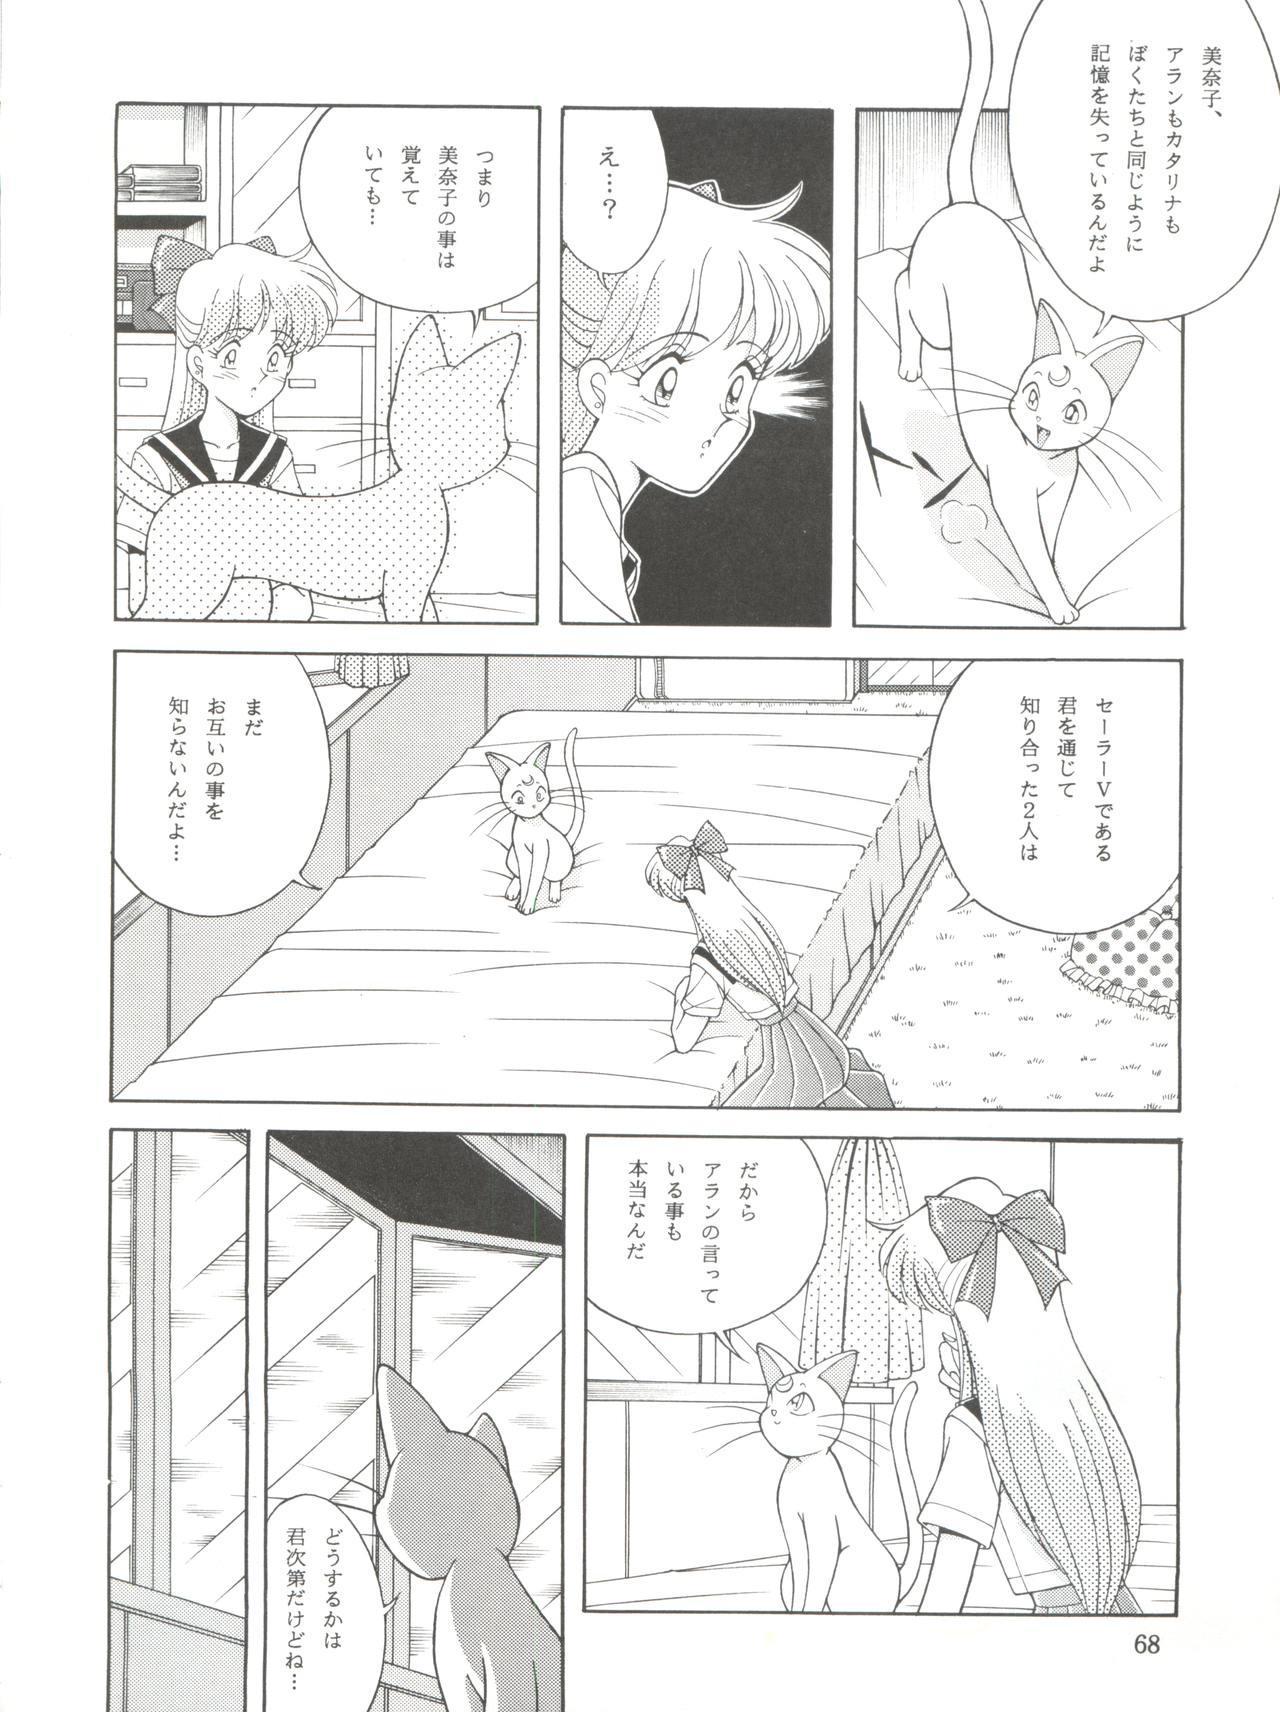 NANIWA-YA FINAL DRESS UP! 67